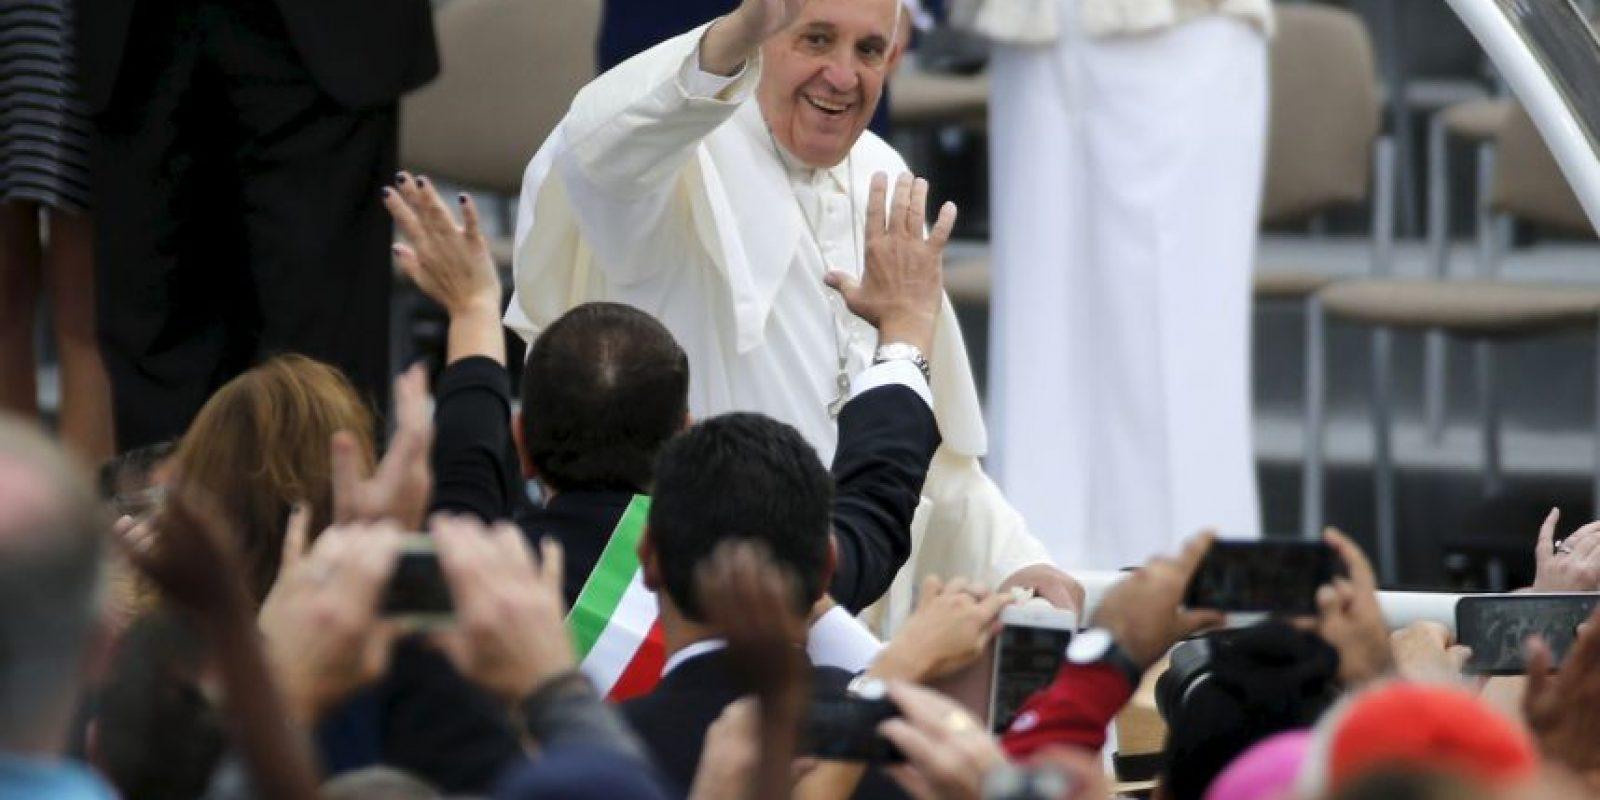 El Papa dio dos vueltas por el circuito para saludar a los seguidores. Foto:AFP